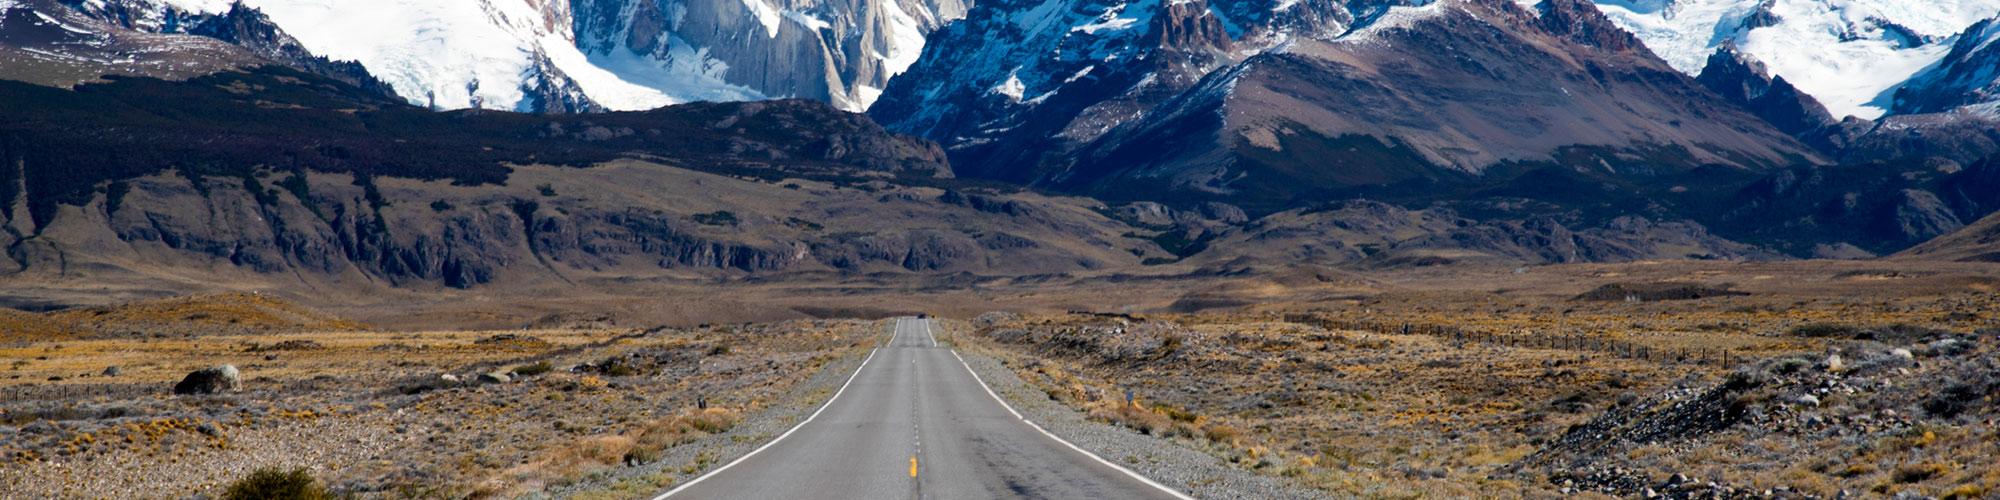 La carretera Austral en moto, una ruta inolvidable por Chile y Argentina - El País Viajes